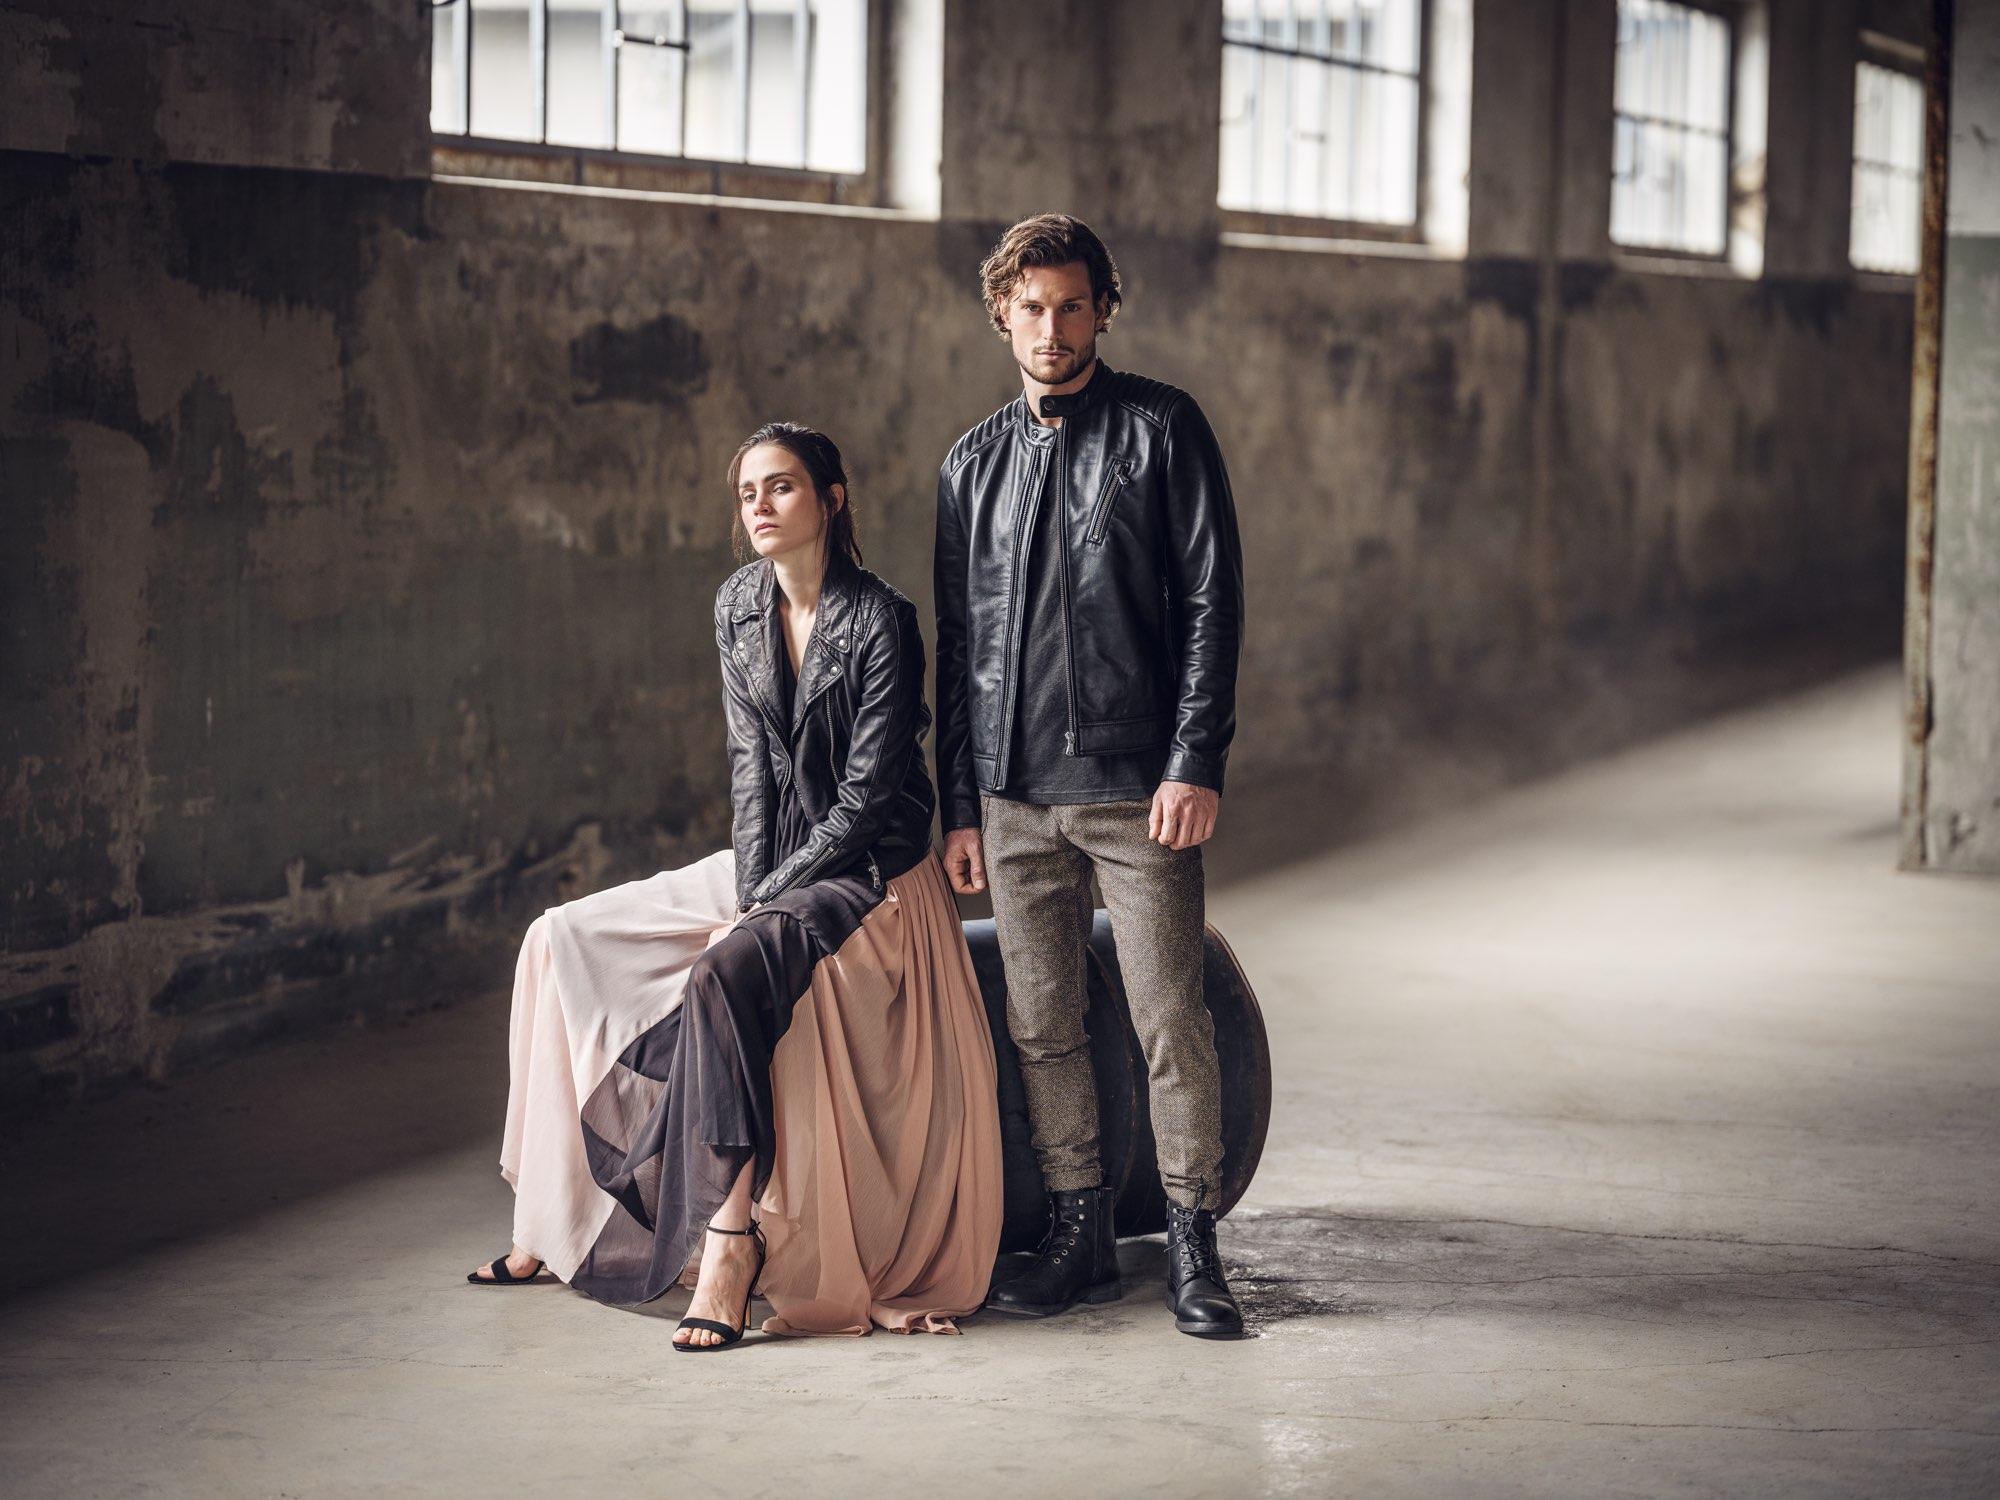 Bild zum Make up & Fashion Blog - neue-arbeit-von-mimmi---ilknur-f--r-die-neuenschwander-kampagne-ID14504-1.jpeg?v=1573657744